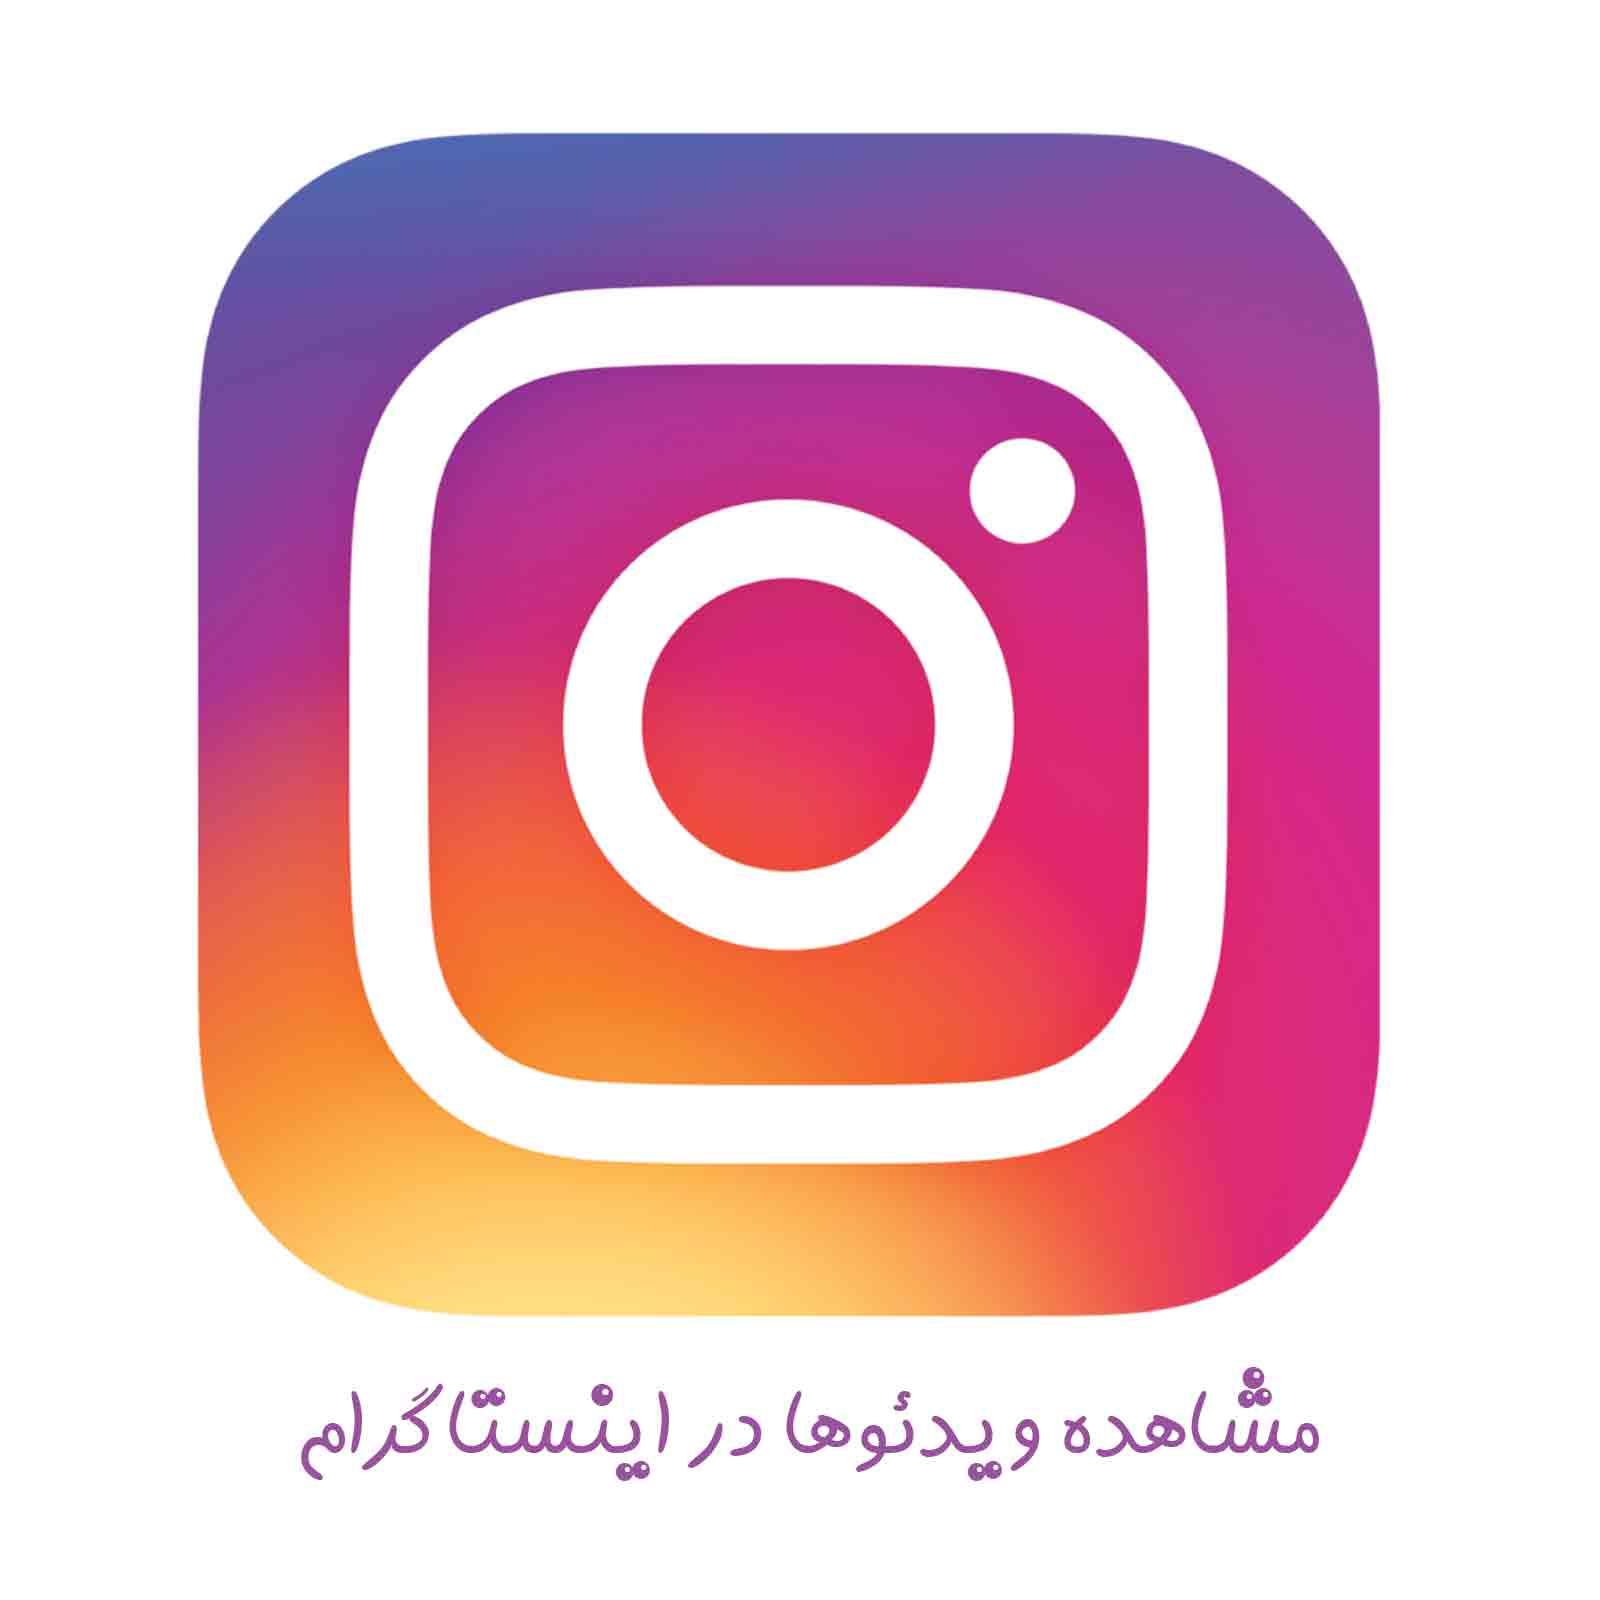 مشاهده ویدئوها در اینستاگرام - فروشگاه اینترنتی فندک مارکت